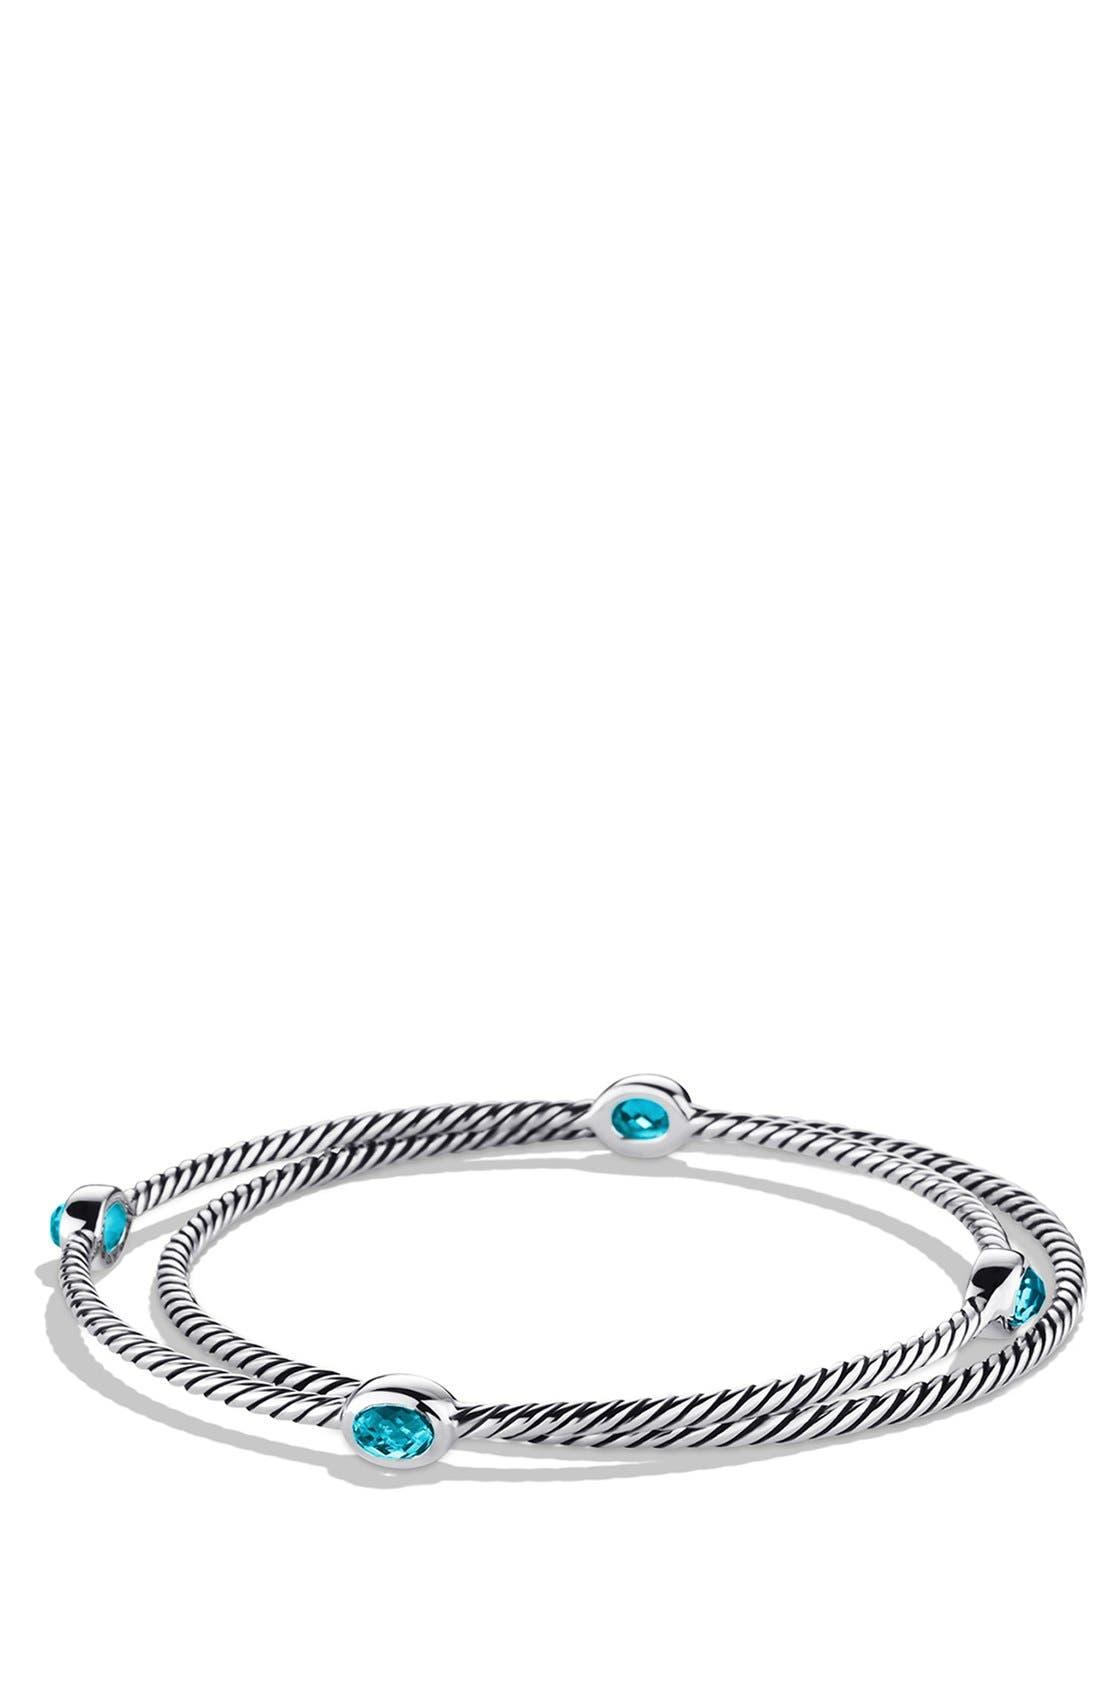 'Color Classics' Set of 2 Bangles with Semiprecious Stones,                         Main,                         color, BLUE TOPAZ